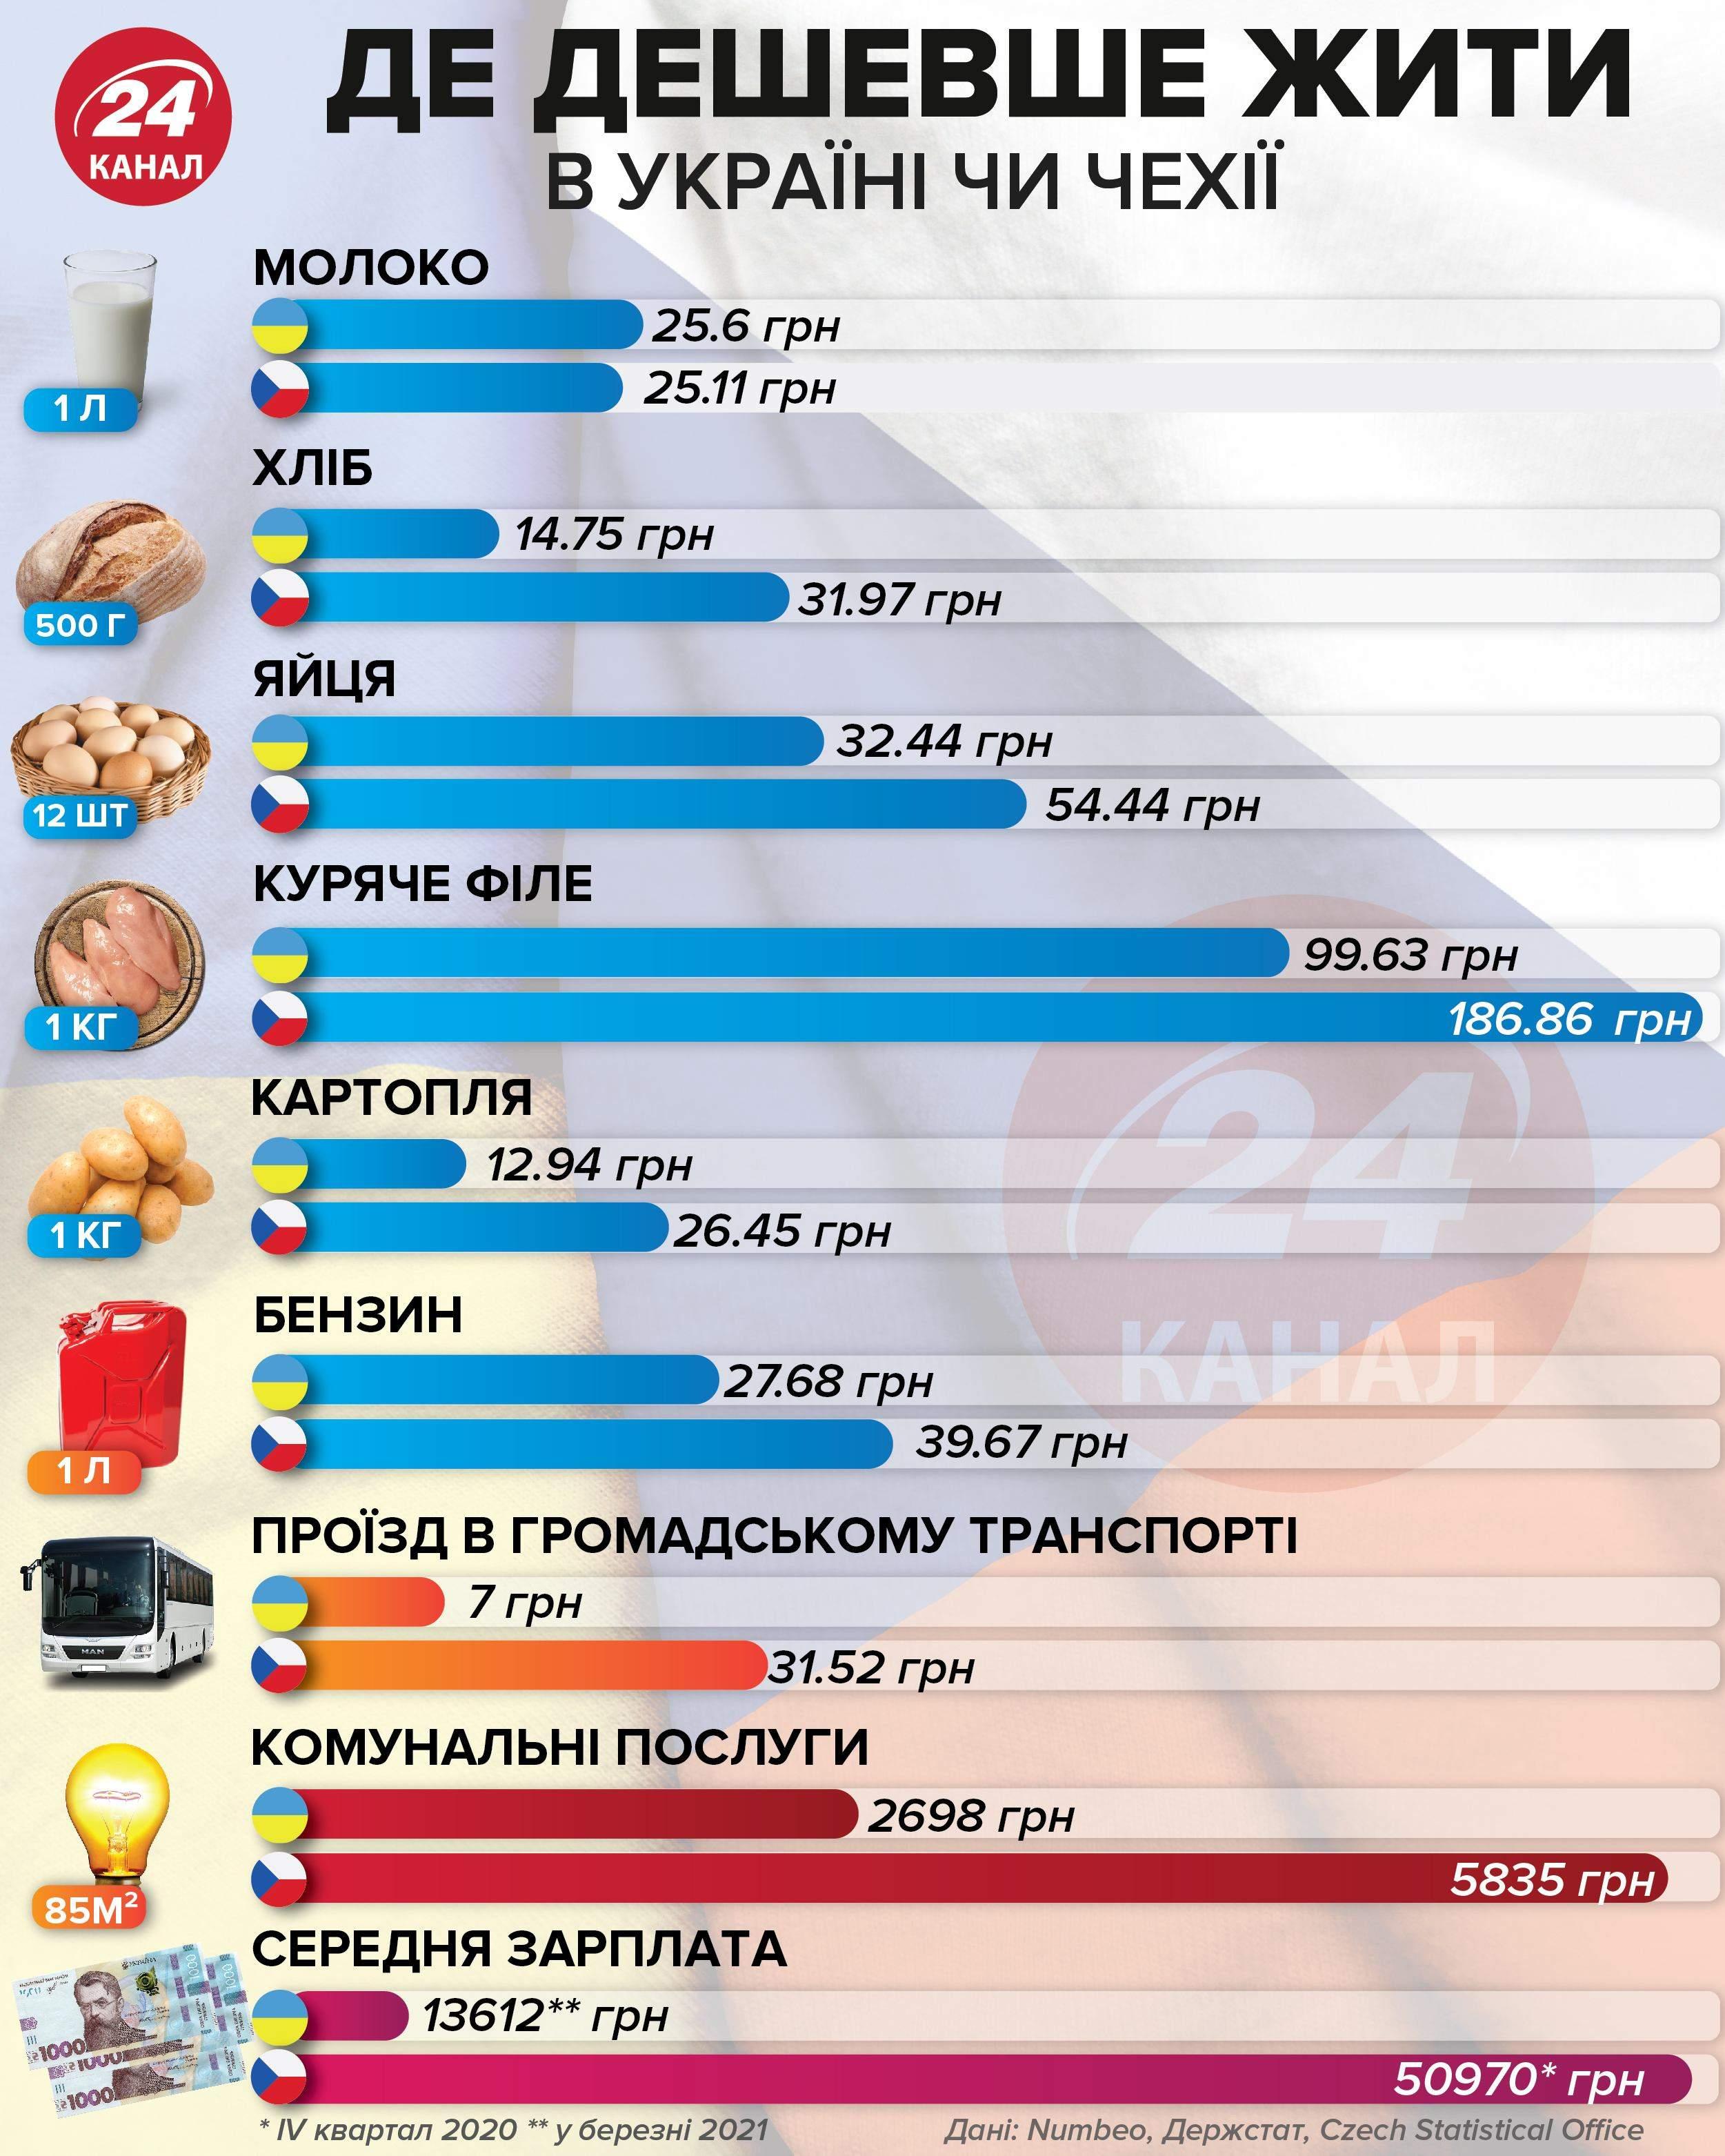 Где дешевле жыть: в Чехии или Украине